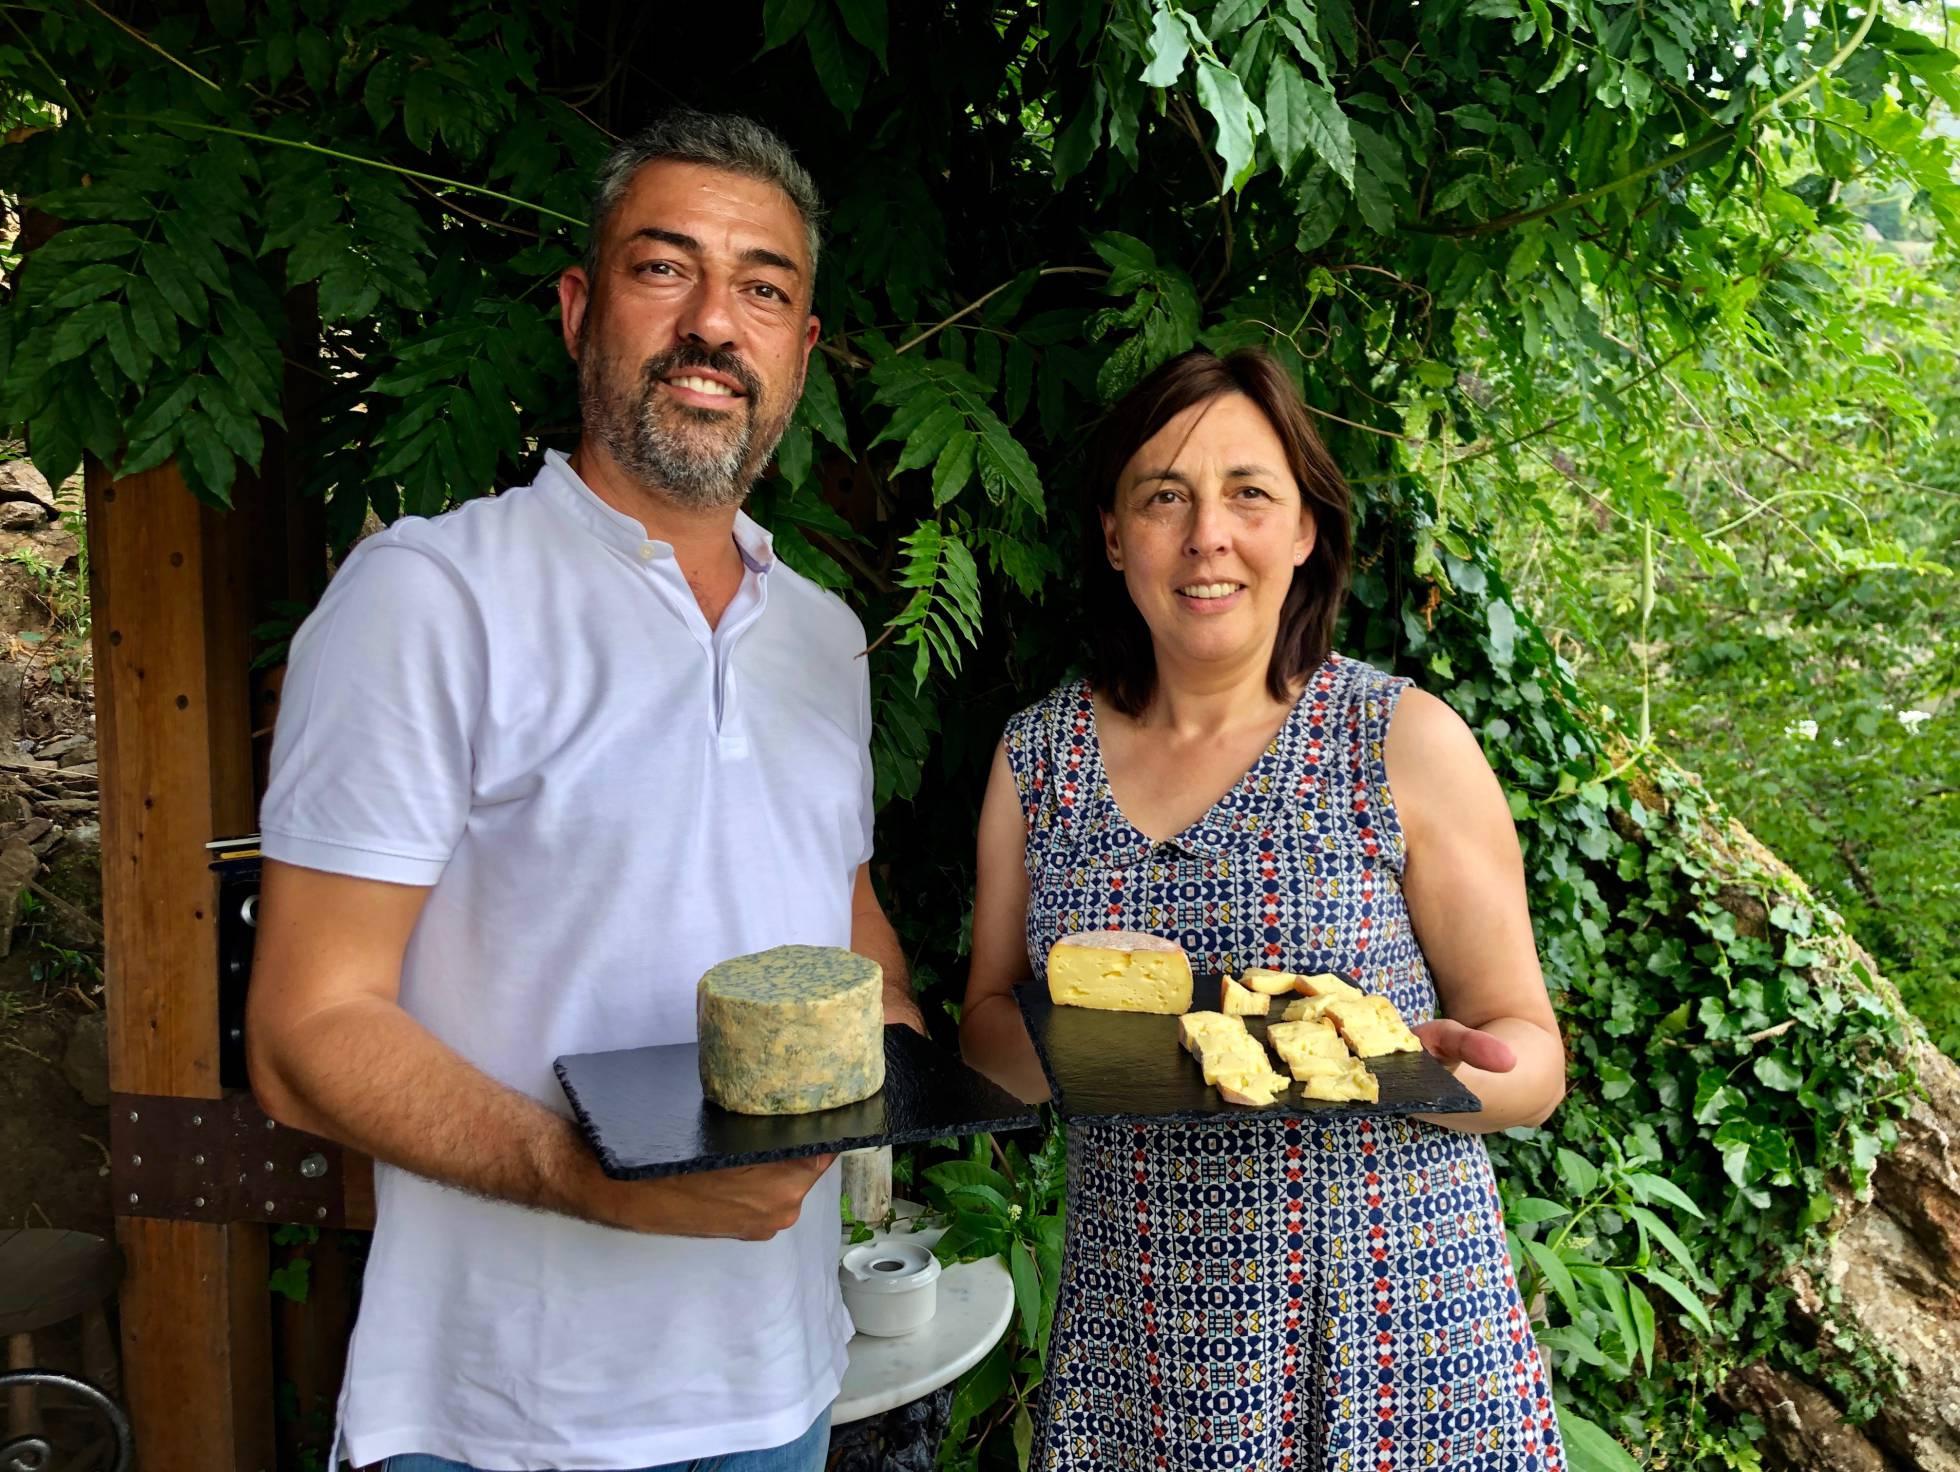 Лучший голубой сыр Испании  2019 года  производят в Галисии